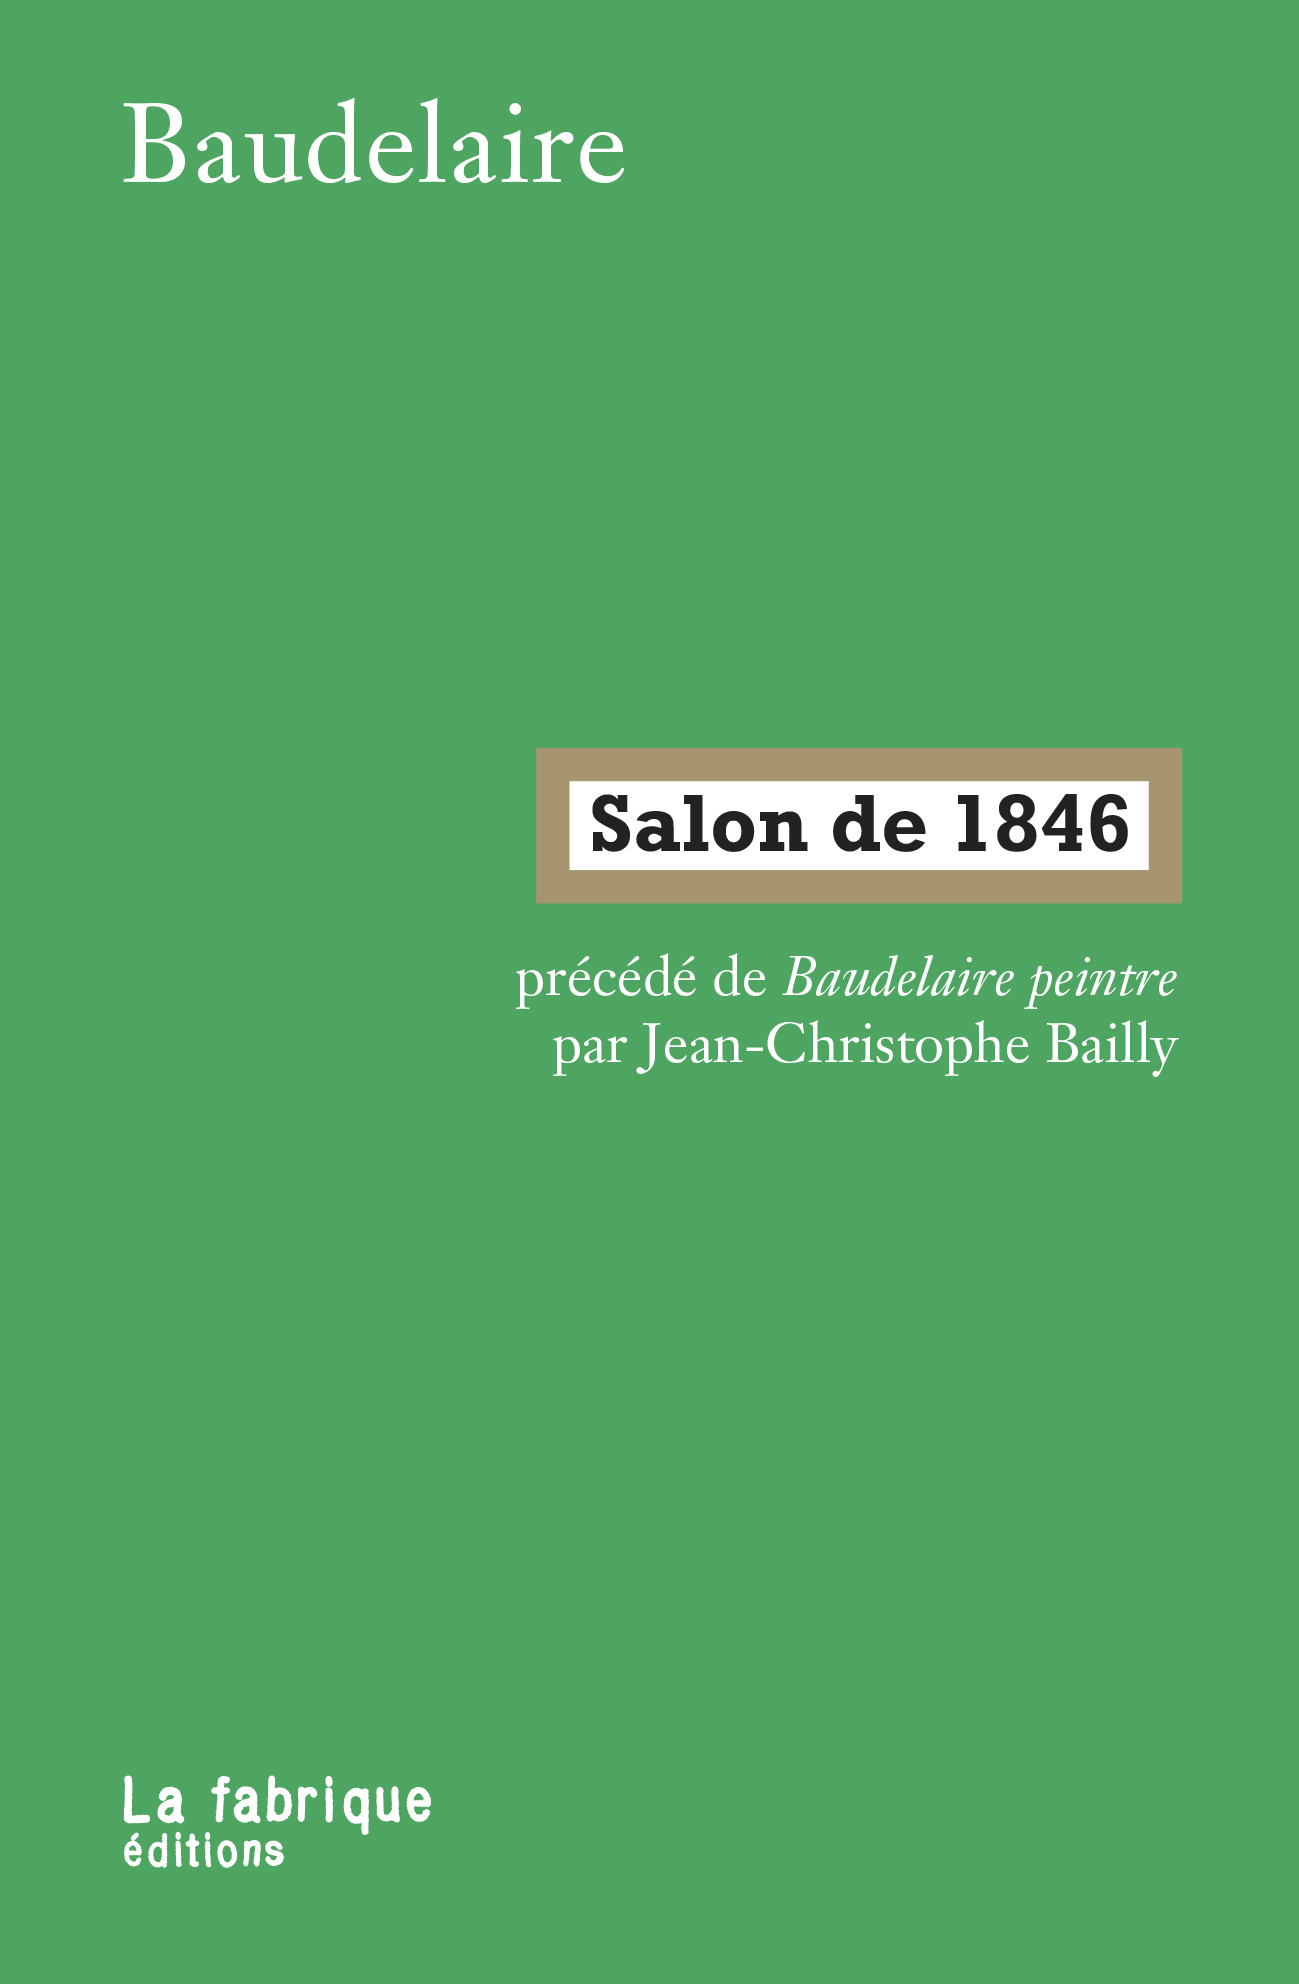 Baudelaire, Salon de 1846, précédé de Baudelaire peintre par J.-C. Bailly